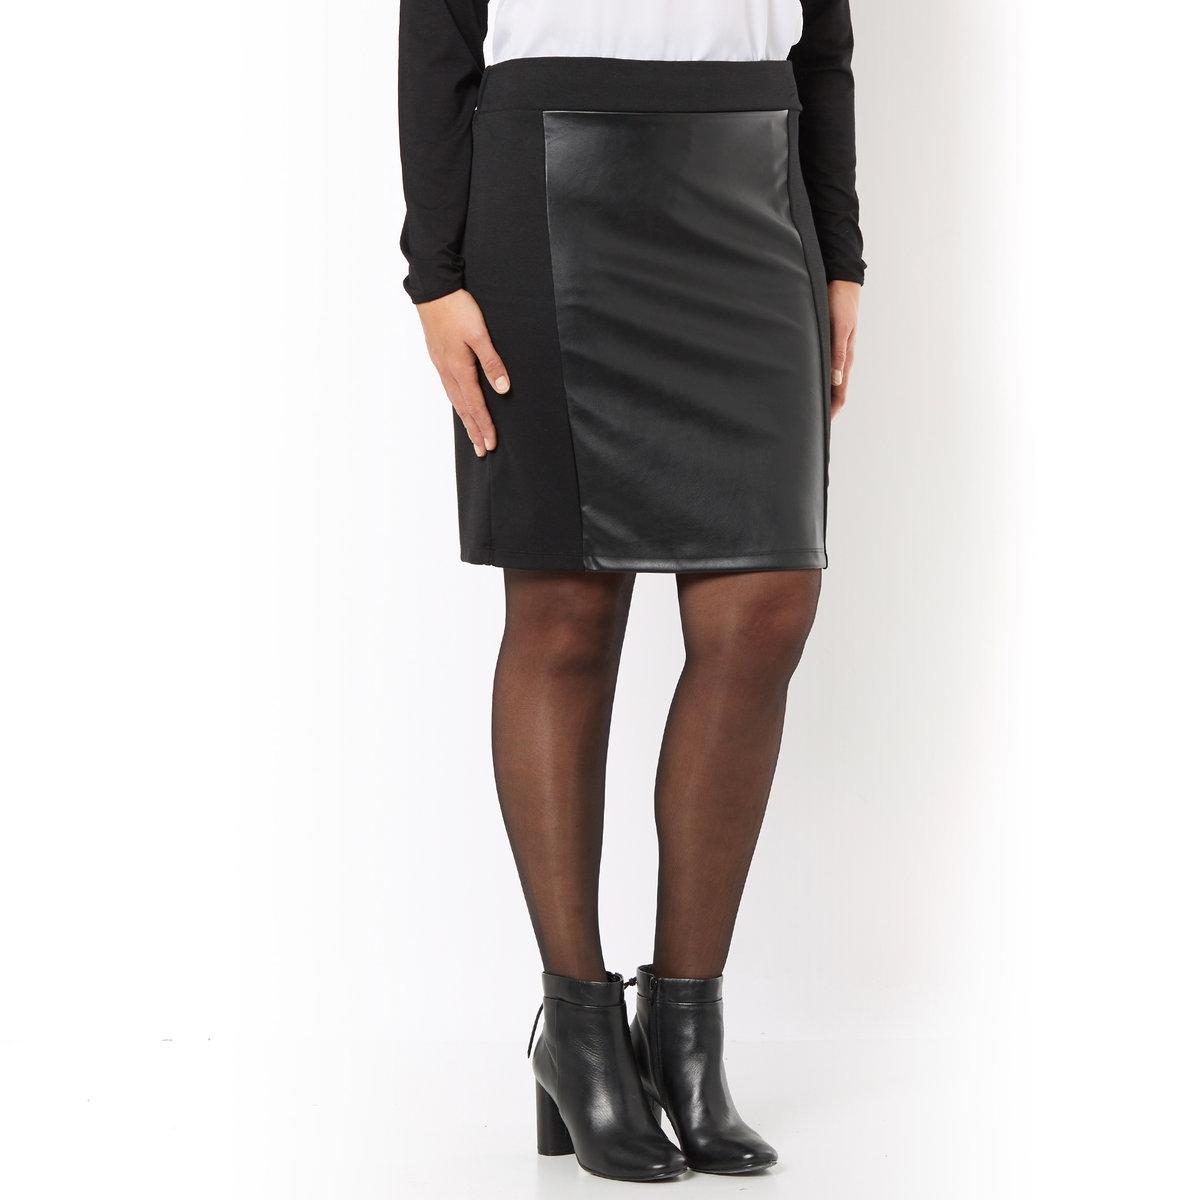 Юбка прямая из трикотажаПрямая юбка из трикотажа, вставки с имитацией кожи спереди, 100% вискозы. Эластичный пояс. Трикотаж, 65% вискозы, 30% полиэстера, 5% эластана. Длина 50 см.<br><br>Цвет: черный<br>Размер: 58 (FR) - 64 (RUS)